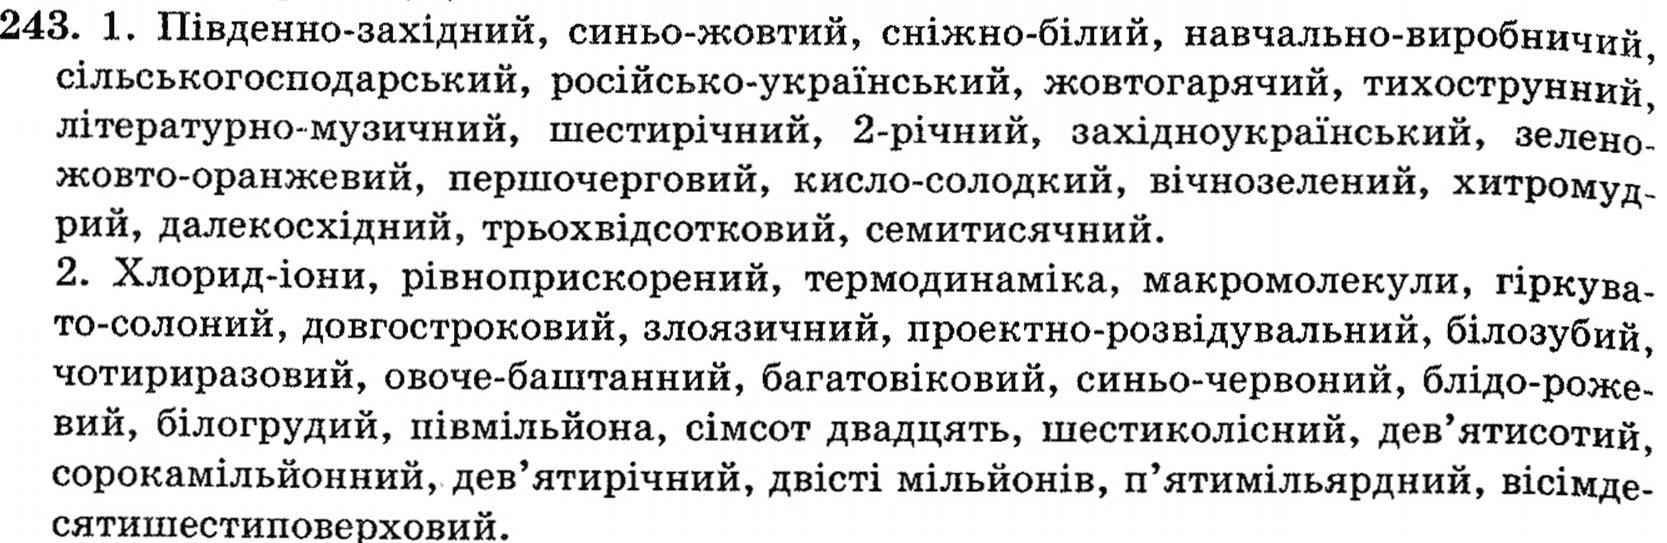 Клас укр 8 гдз мов 2018 по заболотний